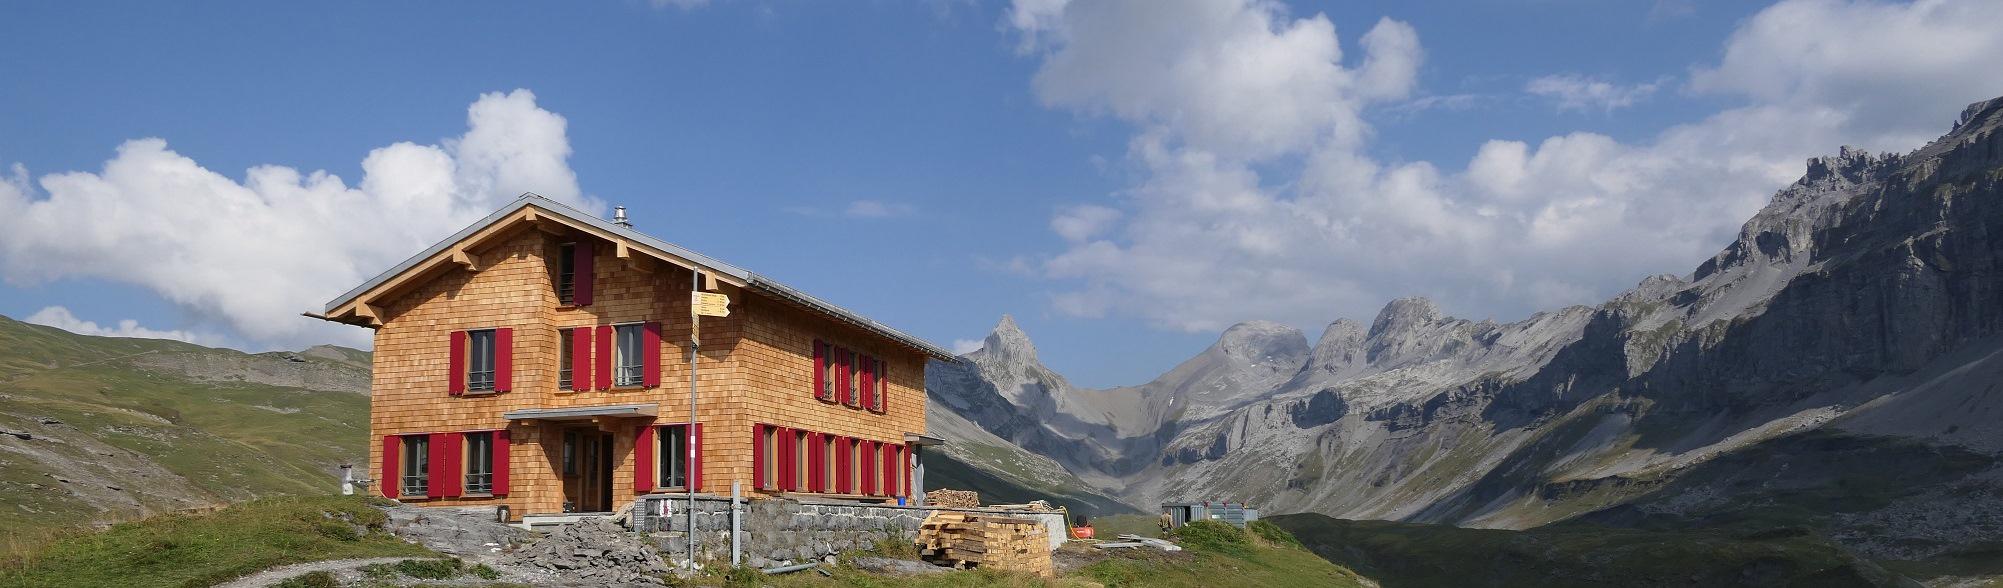 SAC-Hütte Glattalp